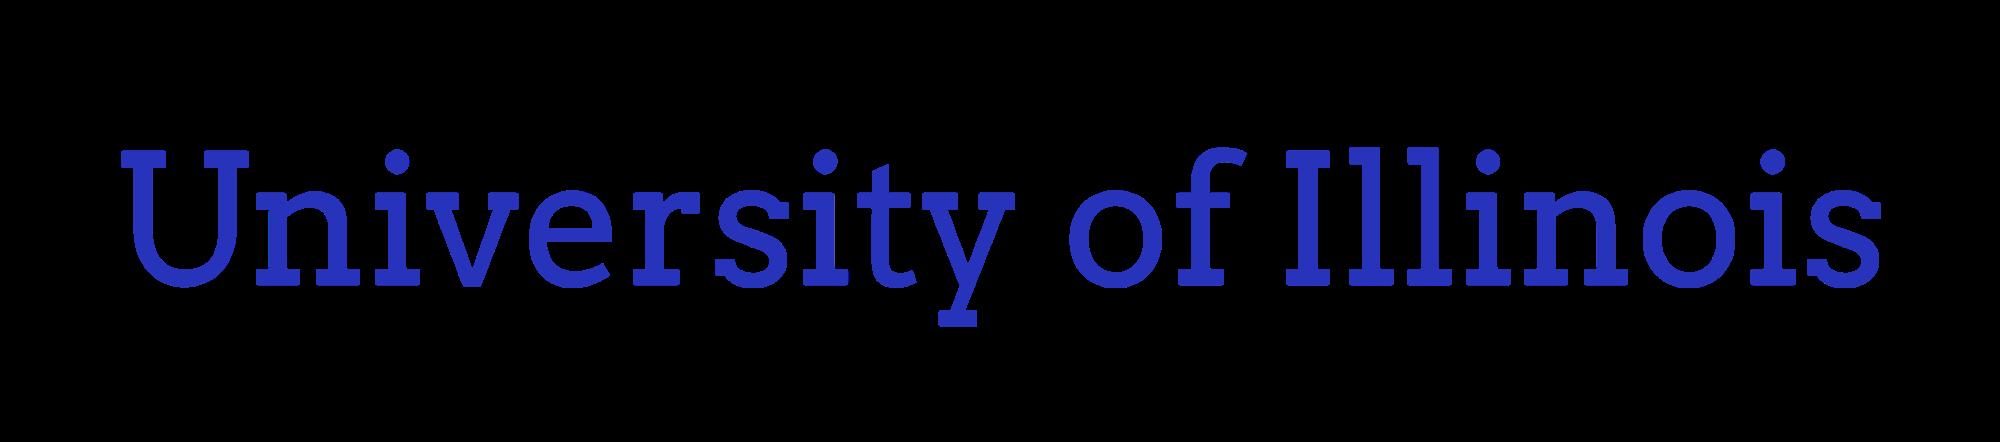 University of Illinois-logo.png